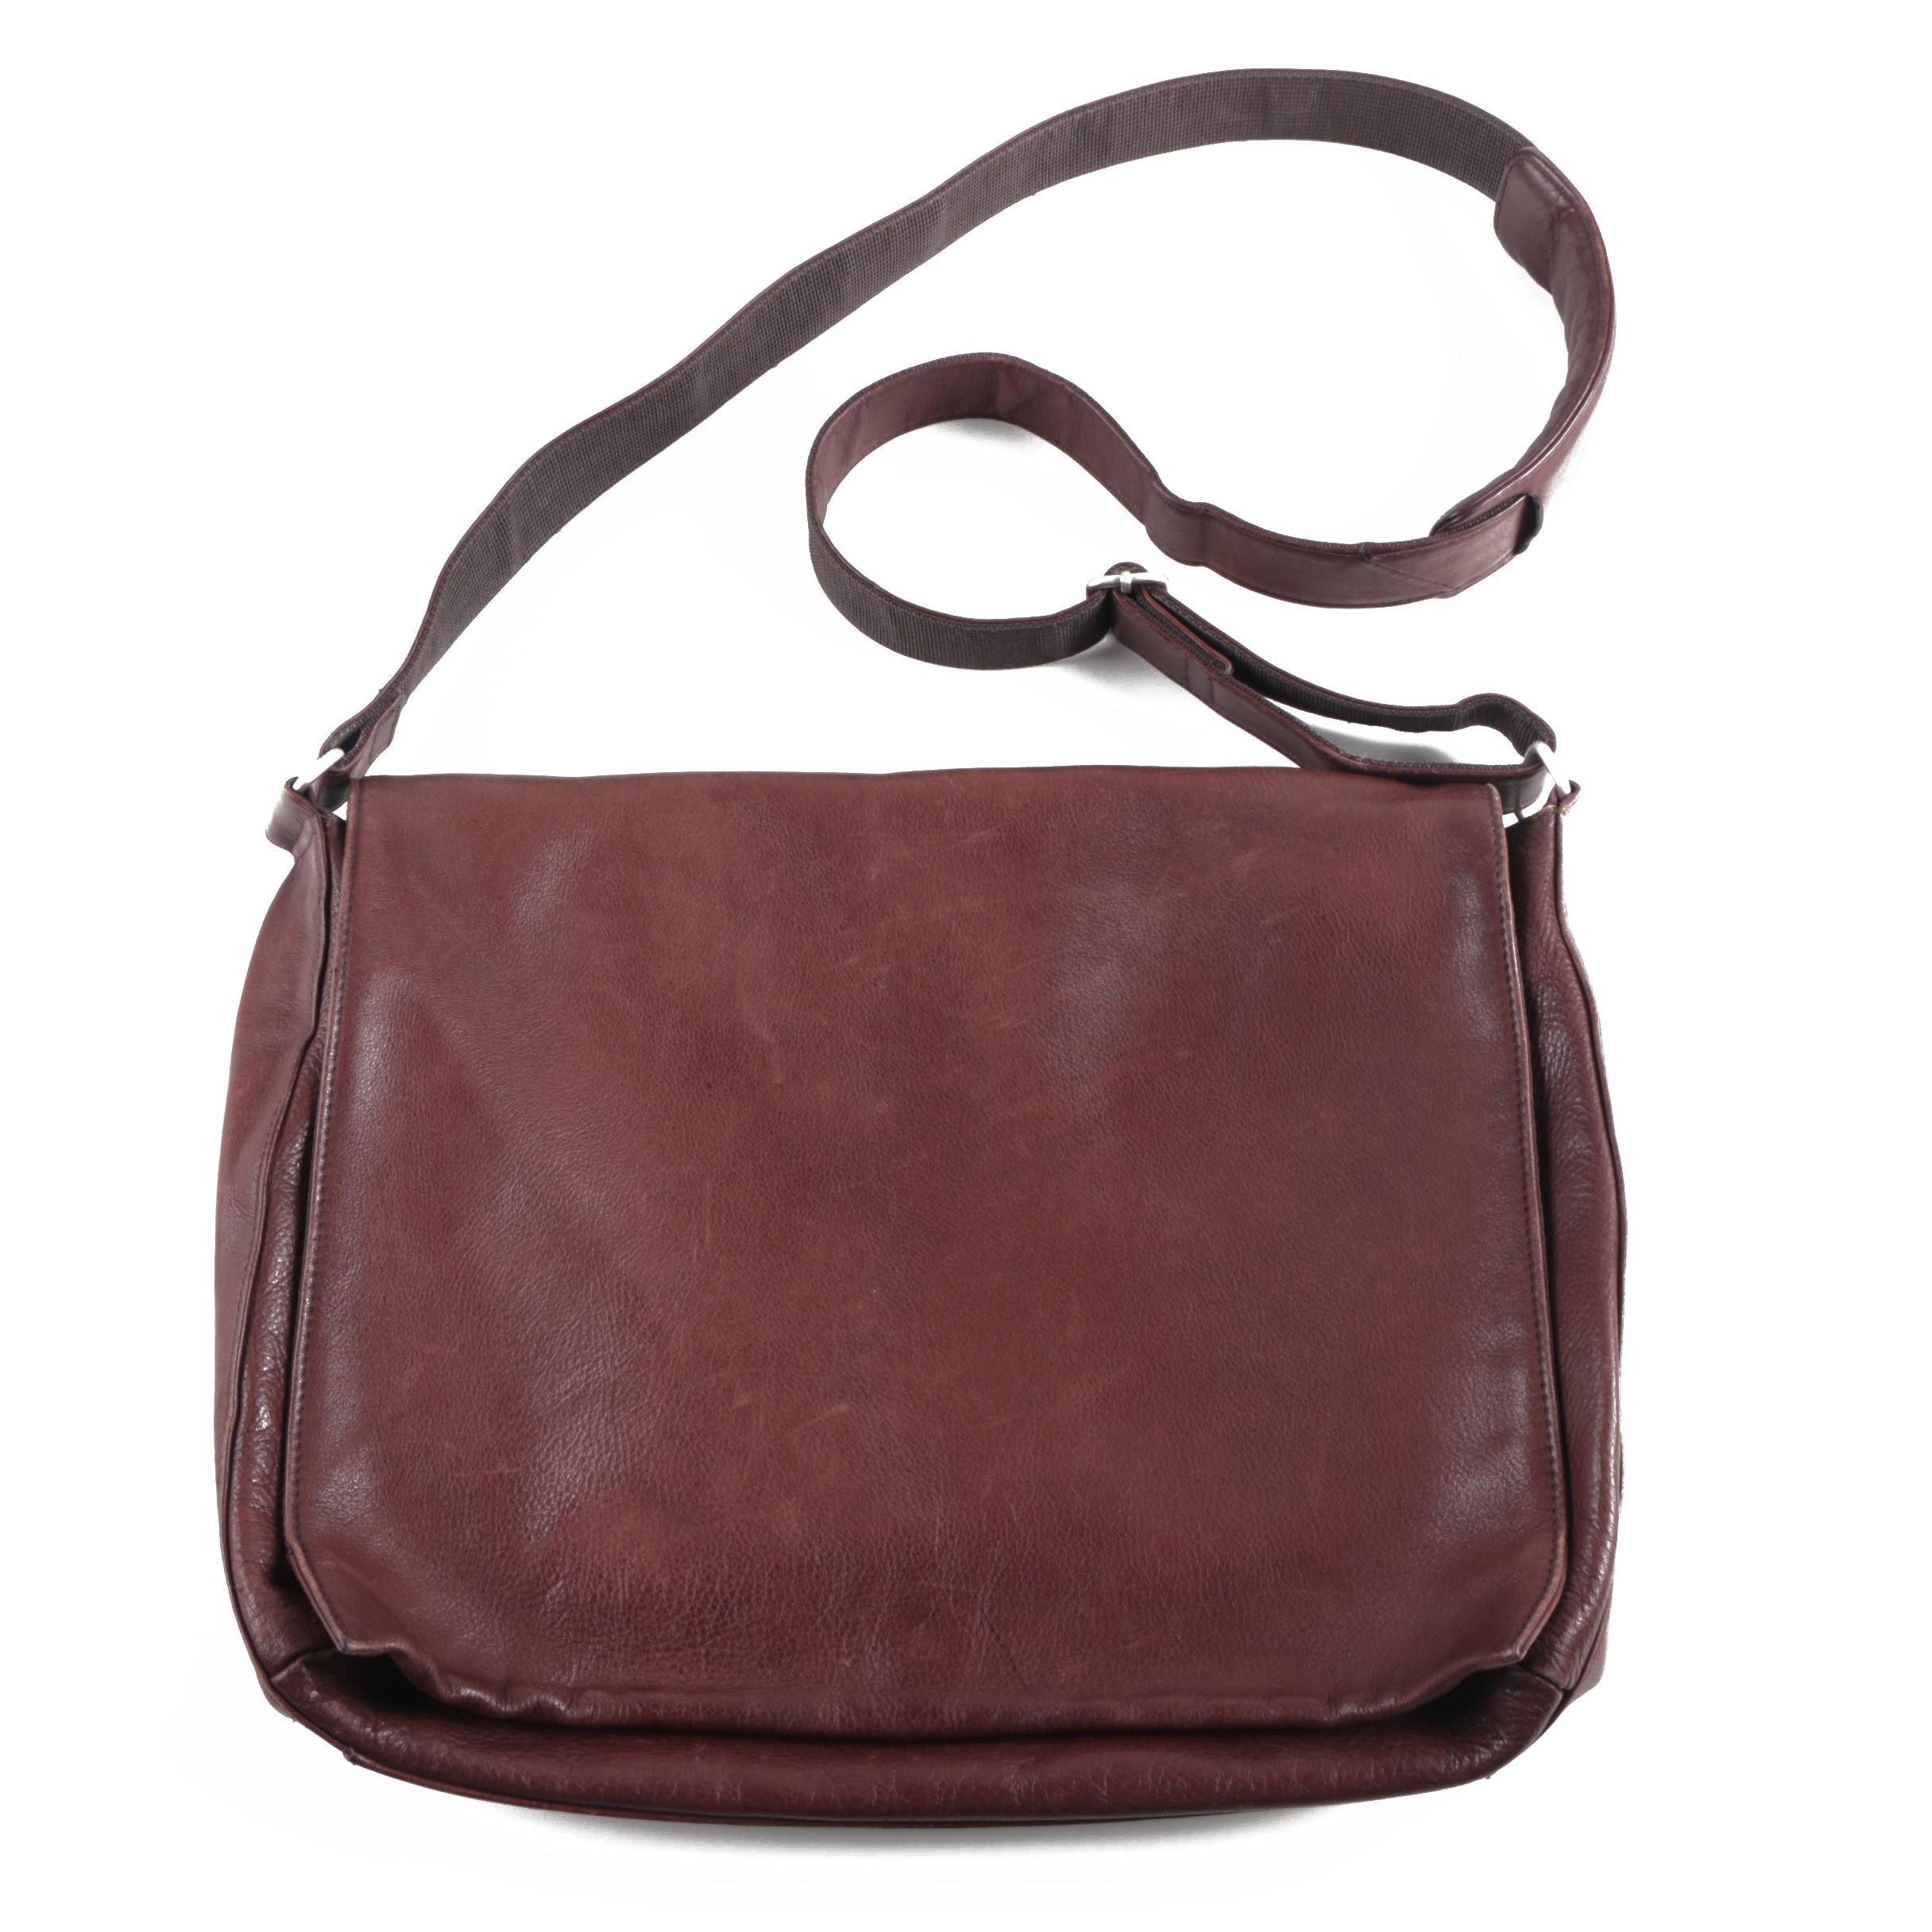 El Portal Brown Leather Messenger Bag